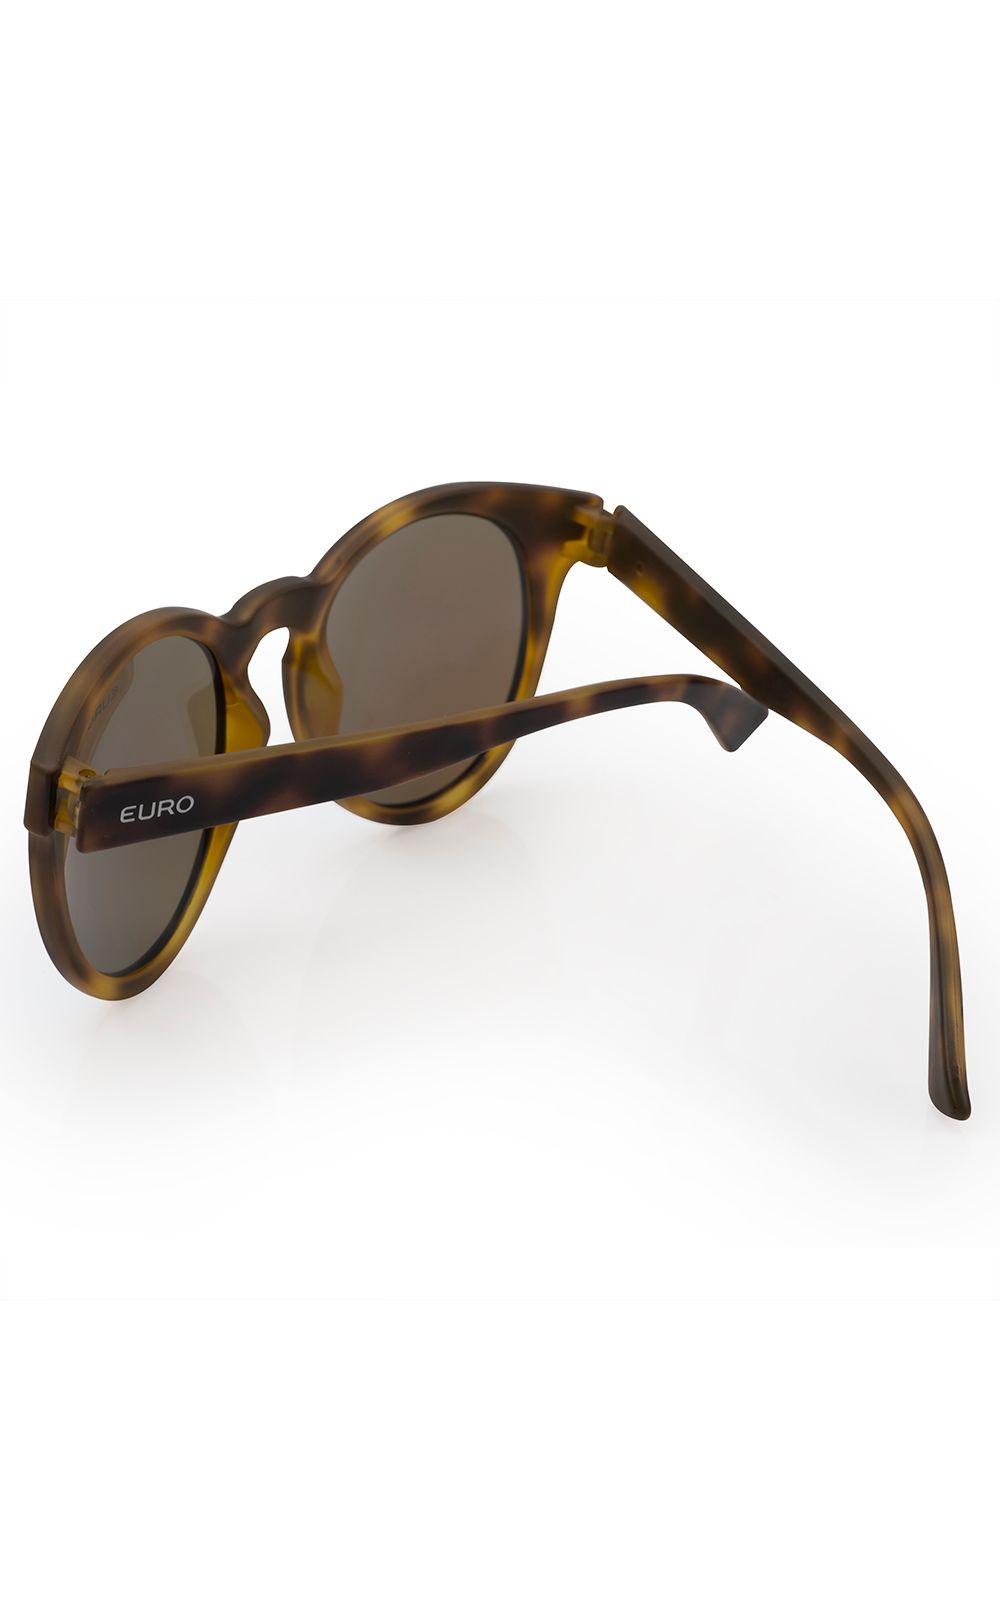 ... Foto 3 - Óculos de sol Euro Feminino Fashion Fit Azul Espelhado -  E0001FC697 8A 85b9cea7b6